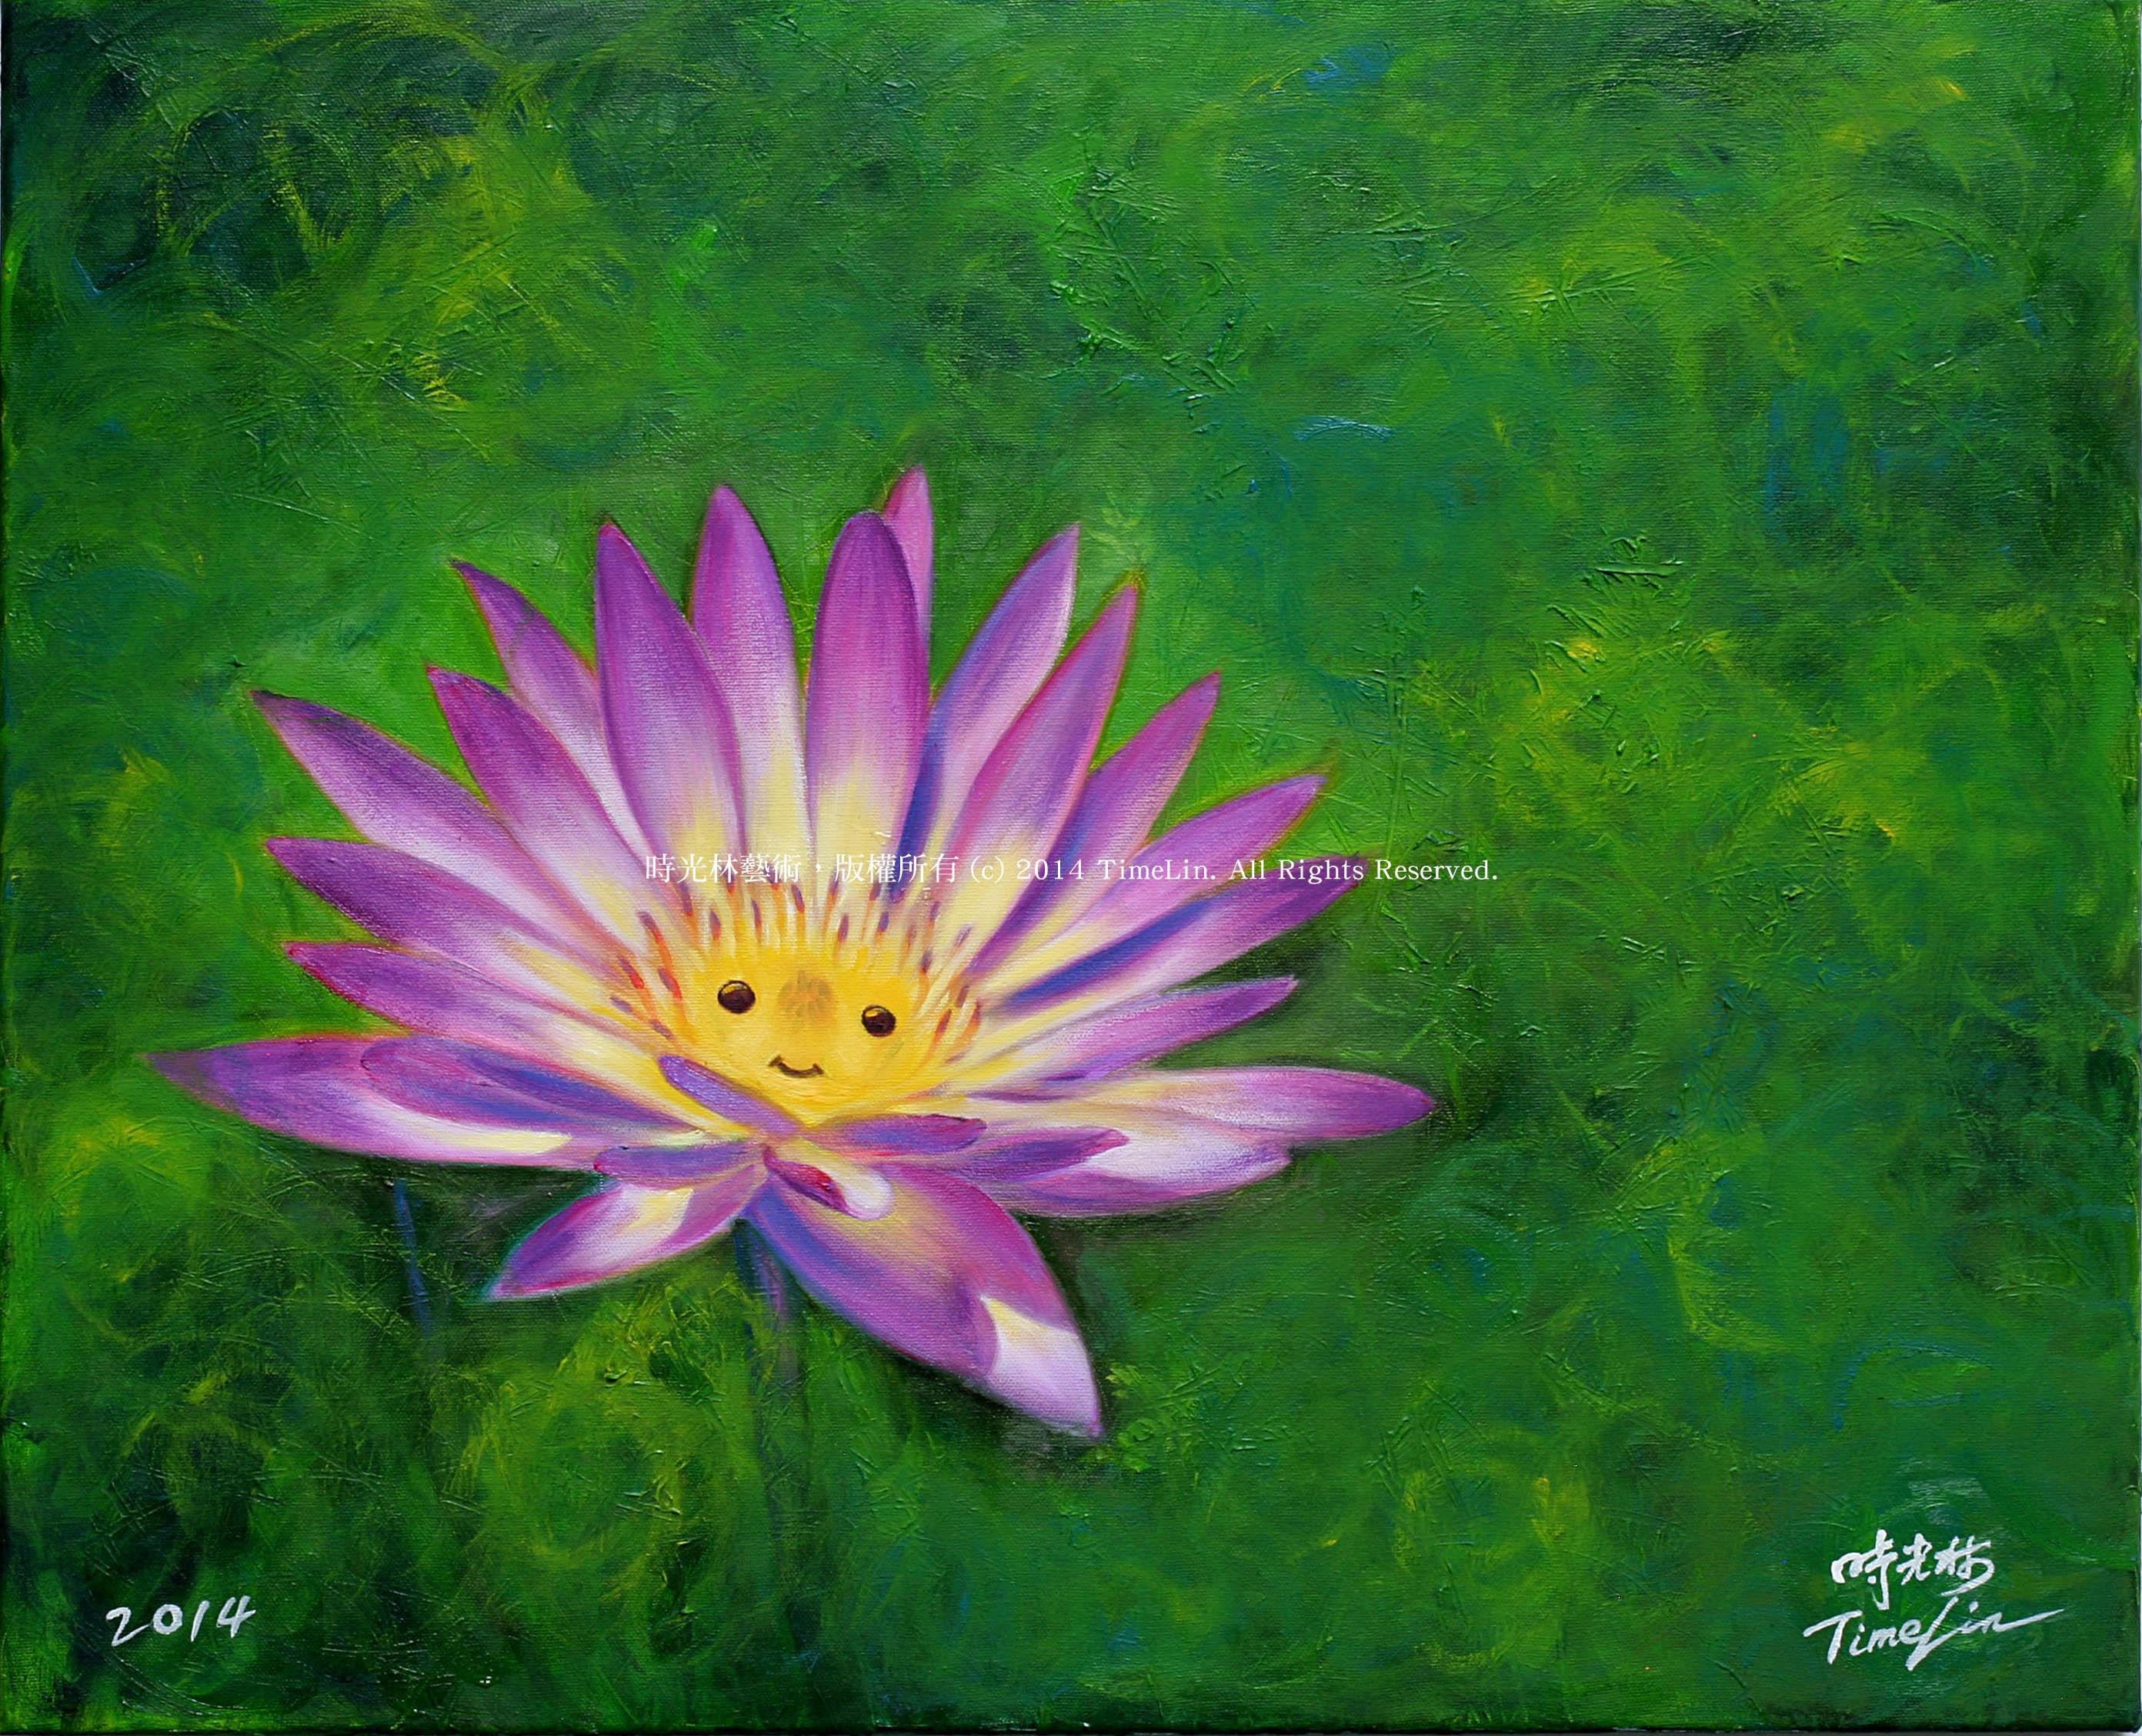 時光蓮Time Lotus